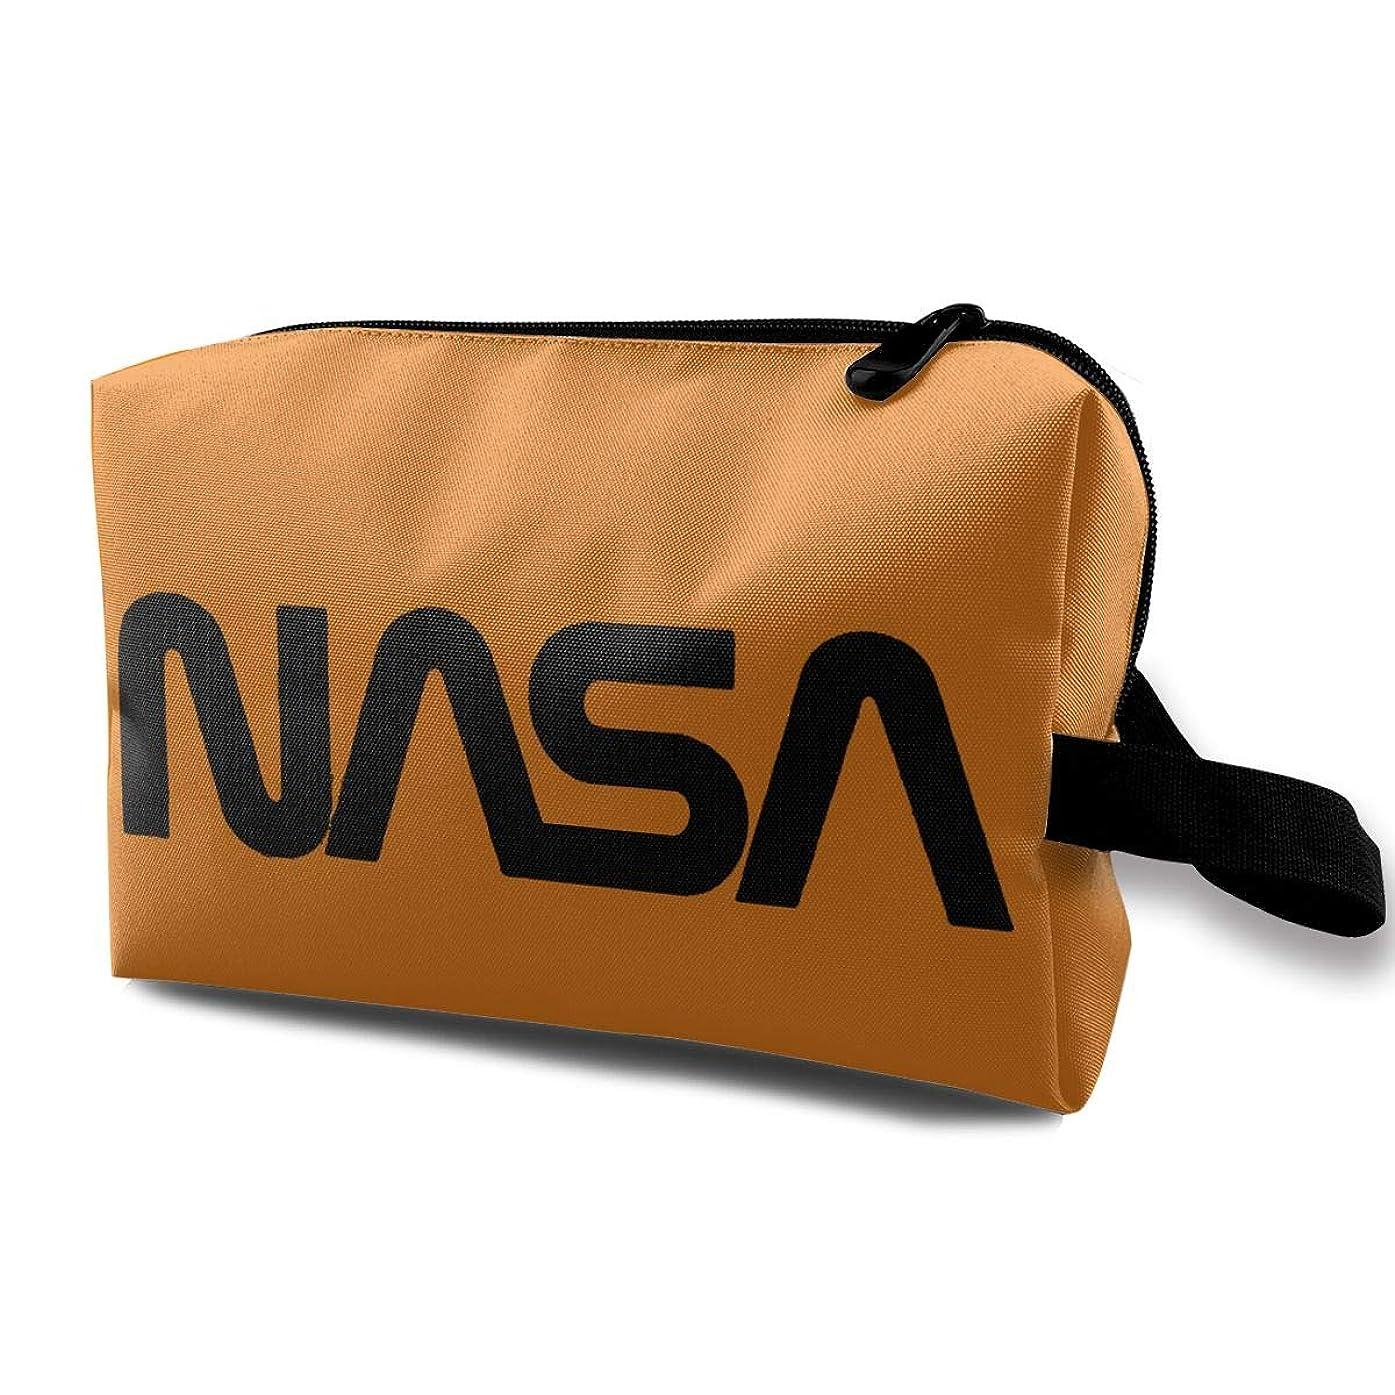 病なパターン佐賀DSB 化粧ポーチ コンパクト メイクポーチ 化粧バッグ NASA 航空 宇宙 化粧品 収納バッグ コスメポーチ メイクブラシバッグ 旅行用 大容量